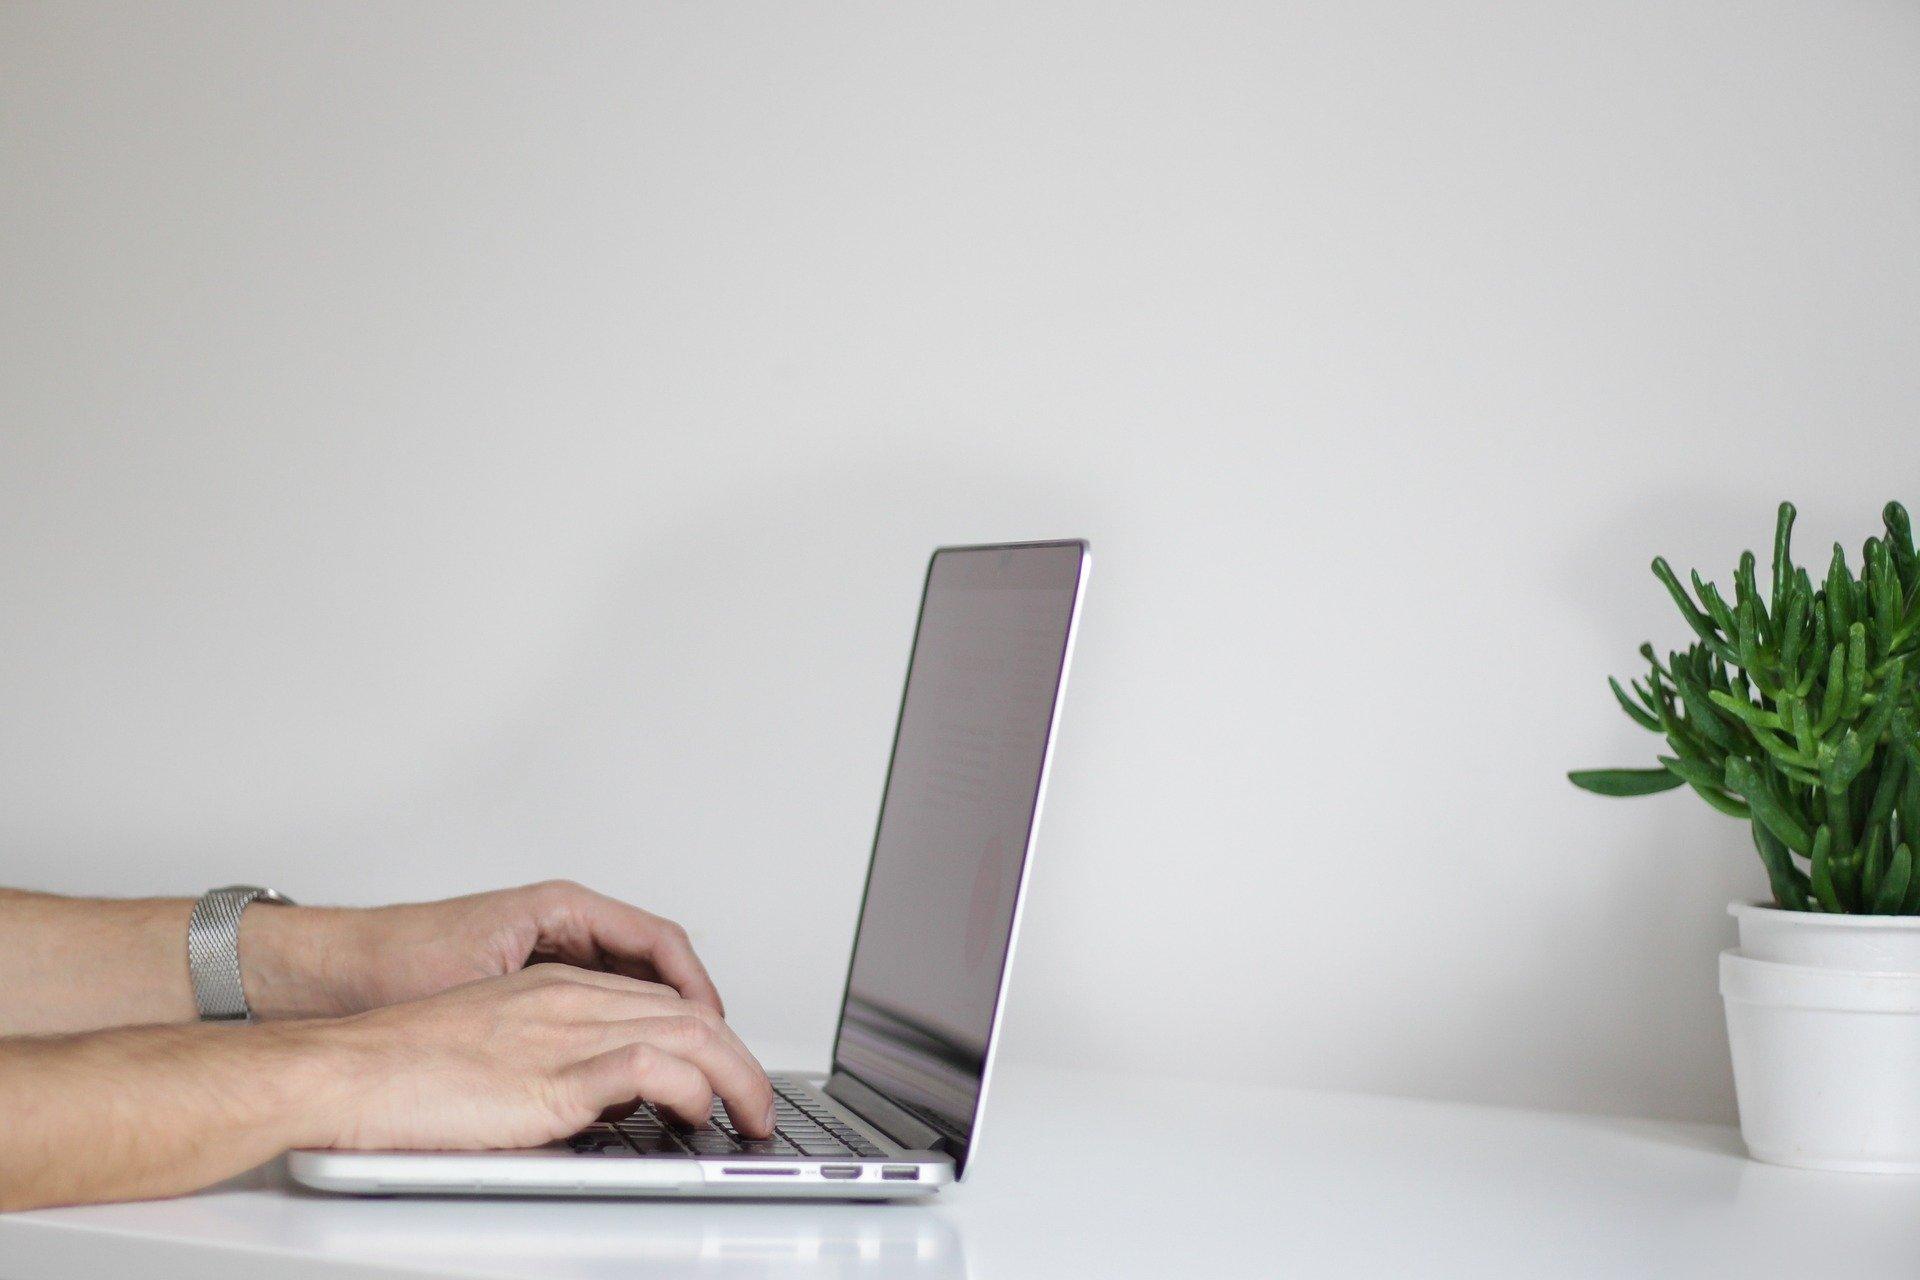 В Минцифры ответили на слухи об отключении домашнего интернета у части россиян